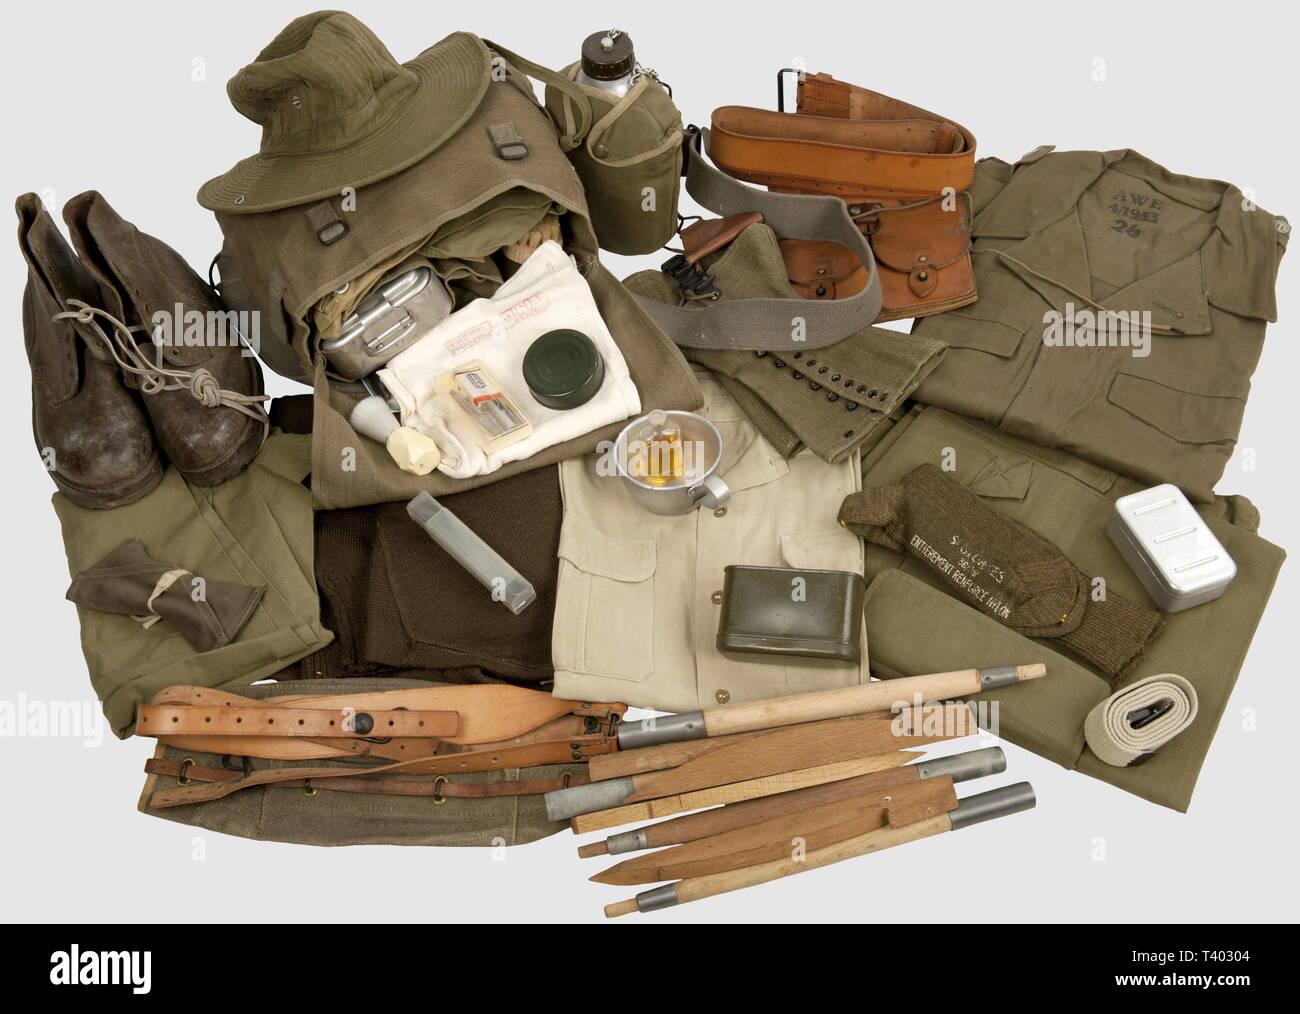 GUERRE D'INDOCHINE - GUERRE D'Algerie, Soldat francais en Algérie, Chapeau de brousse M-49, veste de combat 47/52 toutes armes (boutons allemands datée 2ème GM) 53, pantalon 47/50 daté 52, chemise M-48, ceinturon et triangle de suspensión M-45 en cuir, bretelles de suspensión 57, daté paire de cartouchières M-45 (l'une datée 57), couvre-culasse bidon daté daté 58, 58 avec hijo quart et sa housse datée 55, pull-más de laine M-47, mât de tente en 4 et 4 piquets élements bois, garnie trousse à couture, masque à gaz-51 ANP avec étui toile complet (datés 63 et 58, orla 54. No, sólo Editorial-Use Foto de stock